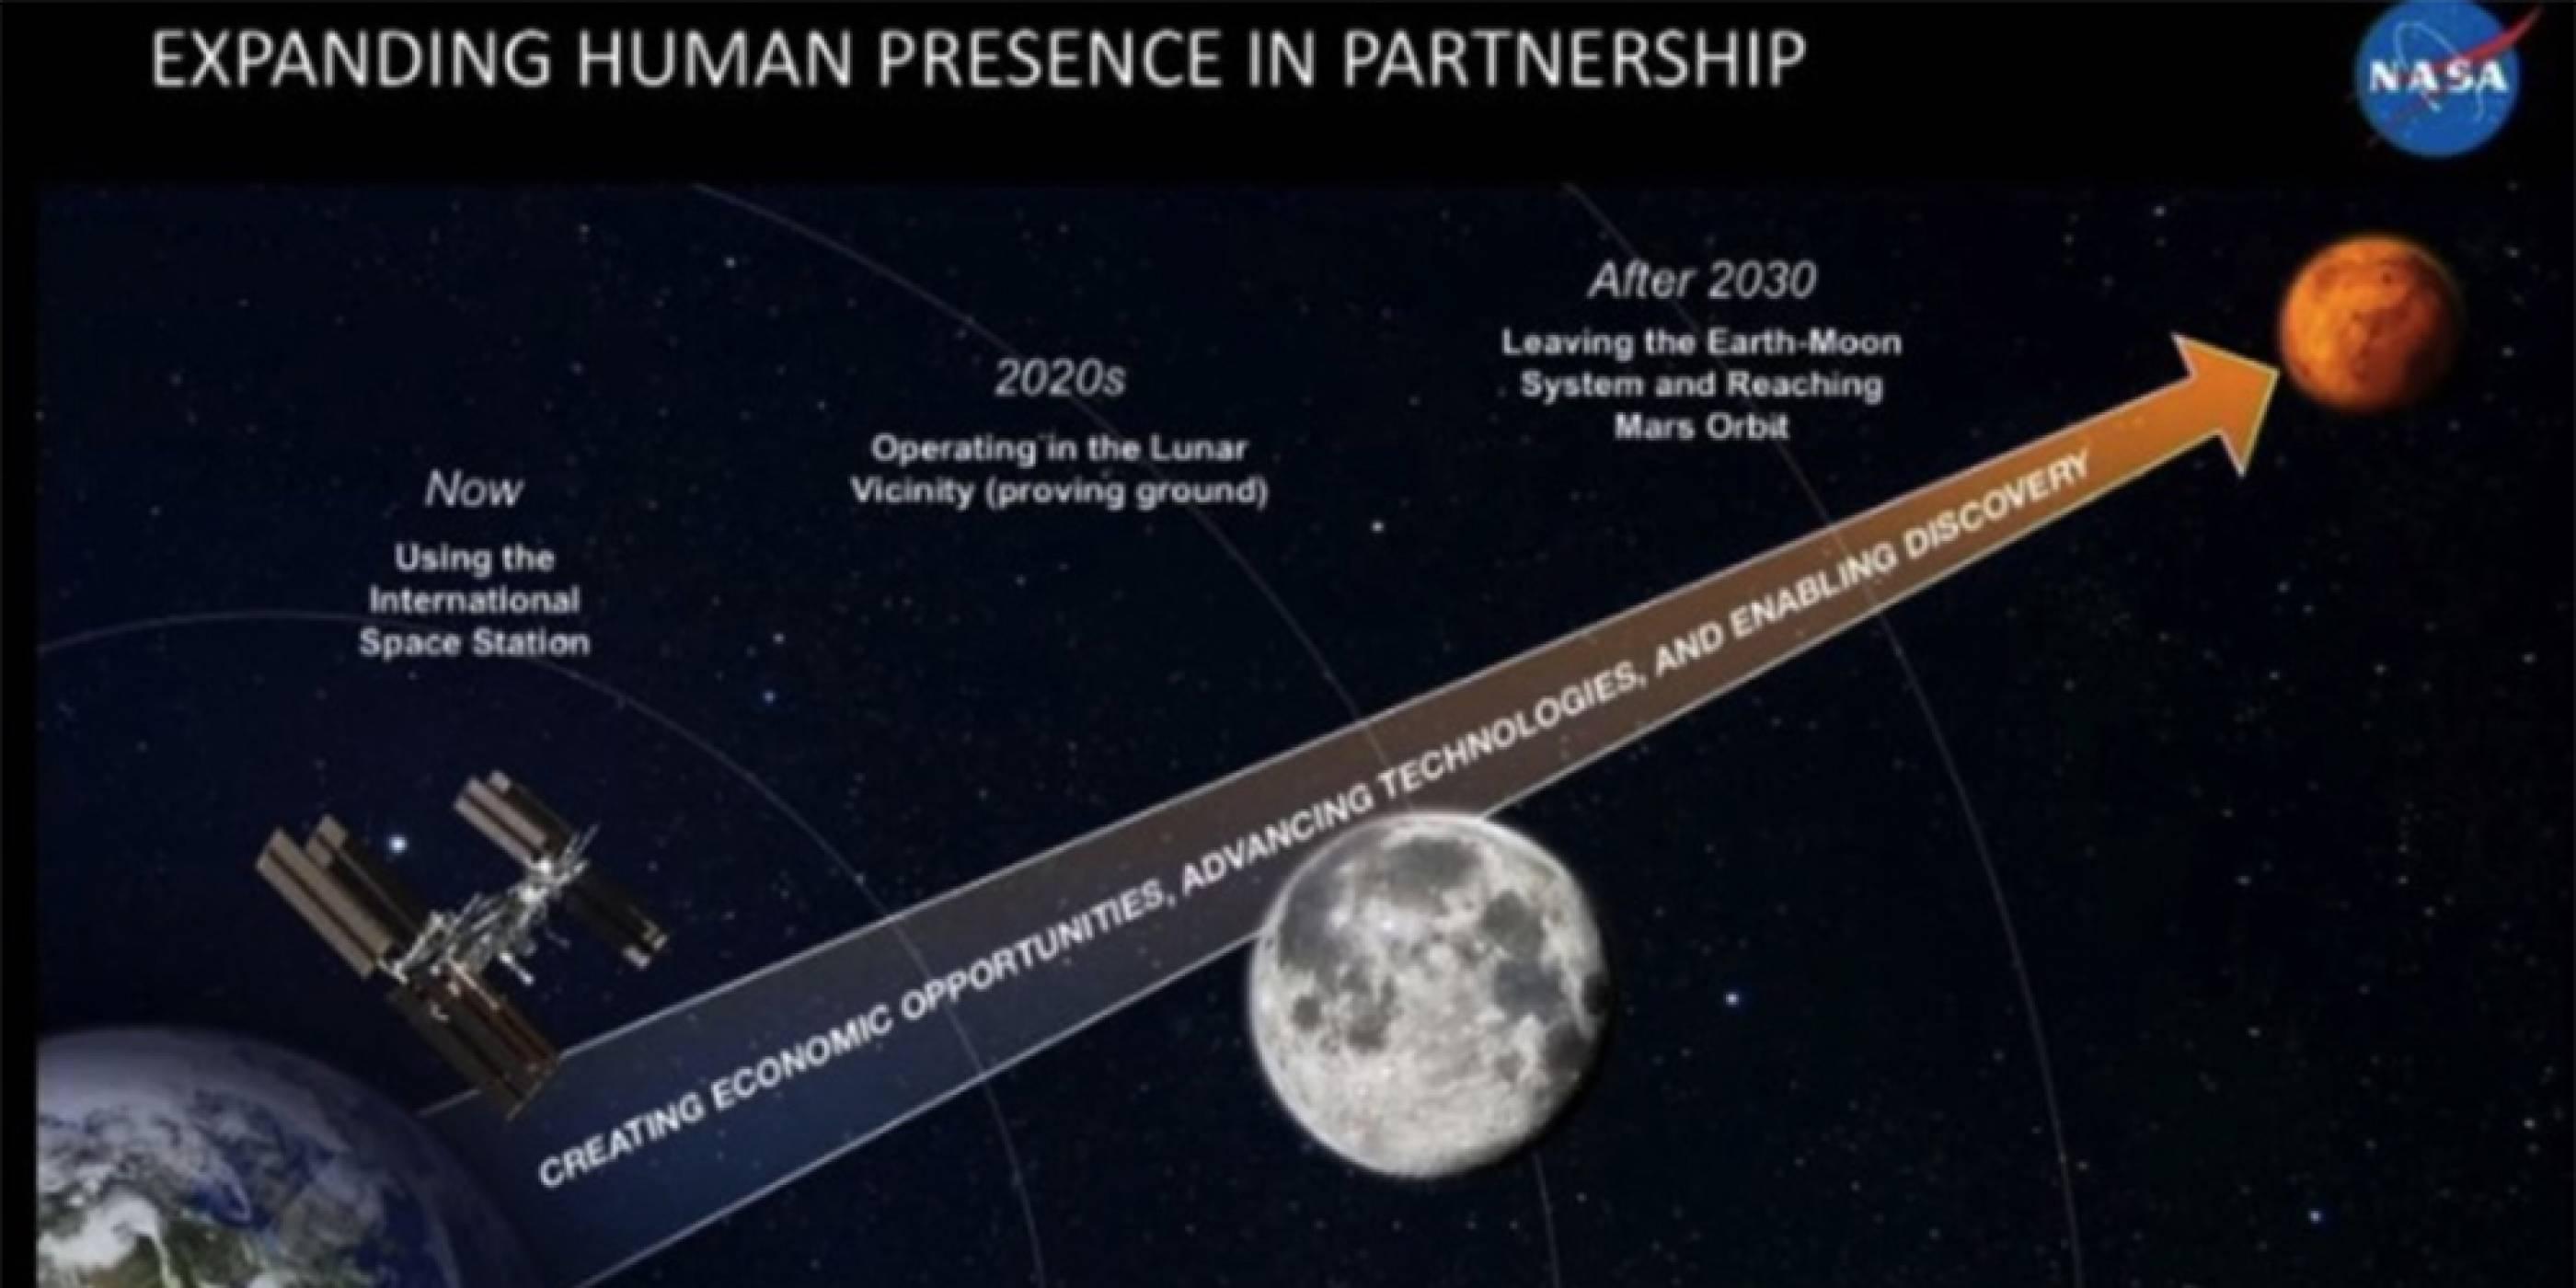 NASA обяви, че не разполага с достатъчно пари, за да изпрати хора на Марс през 2030 година